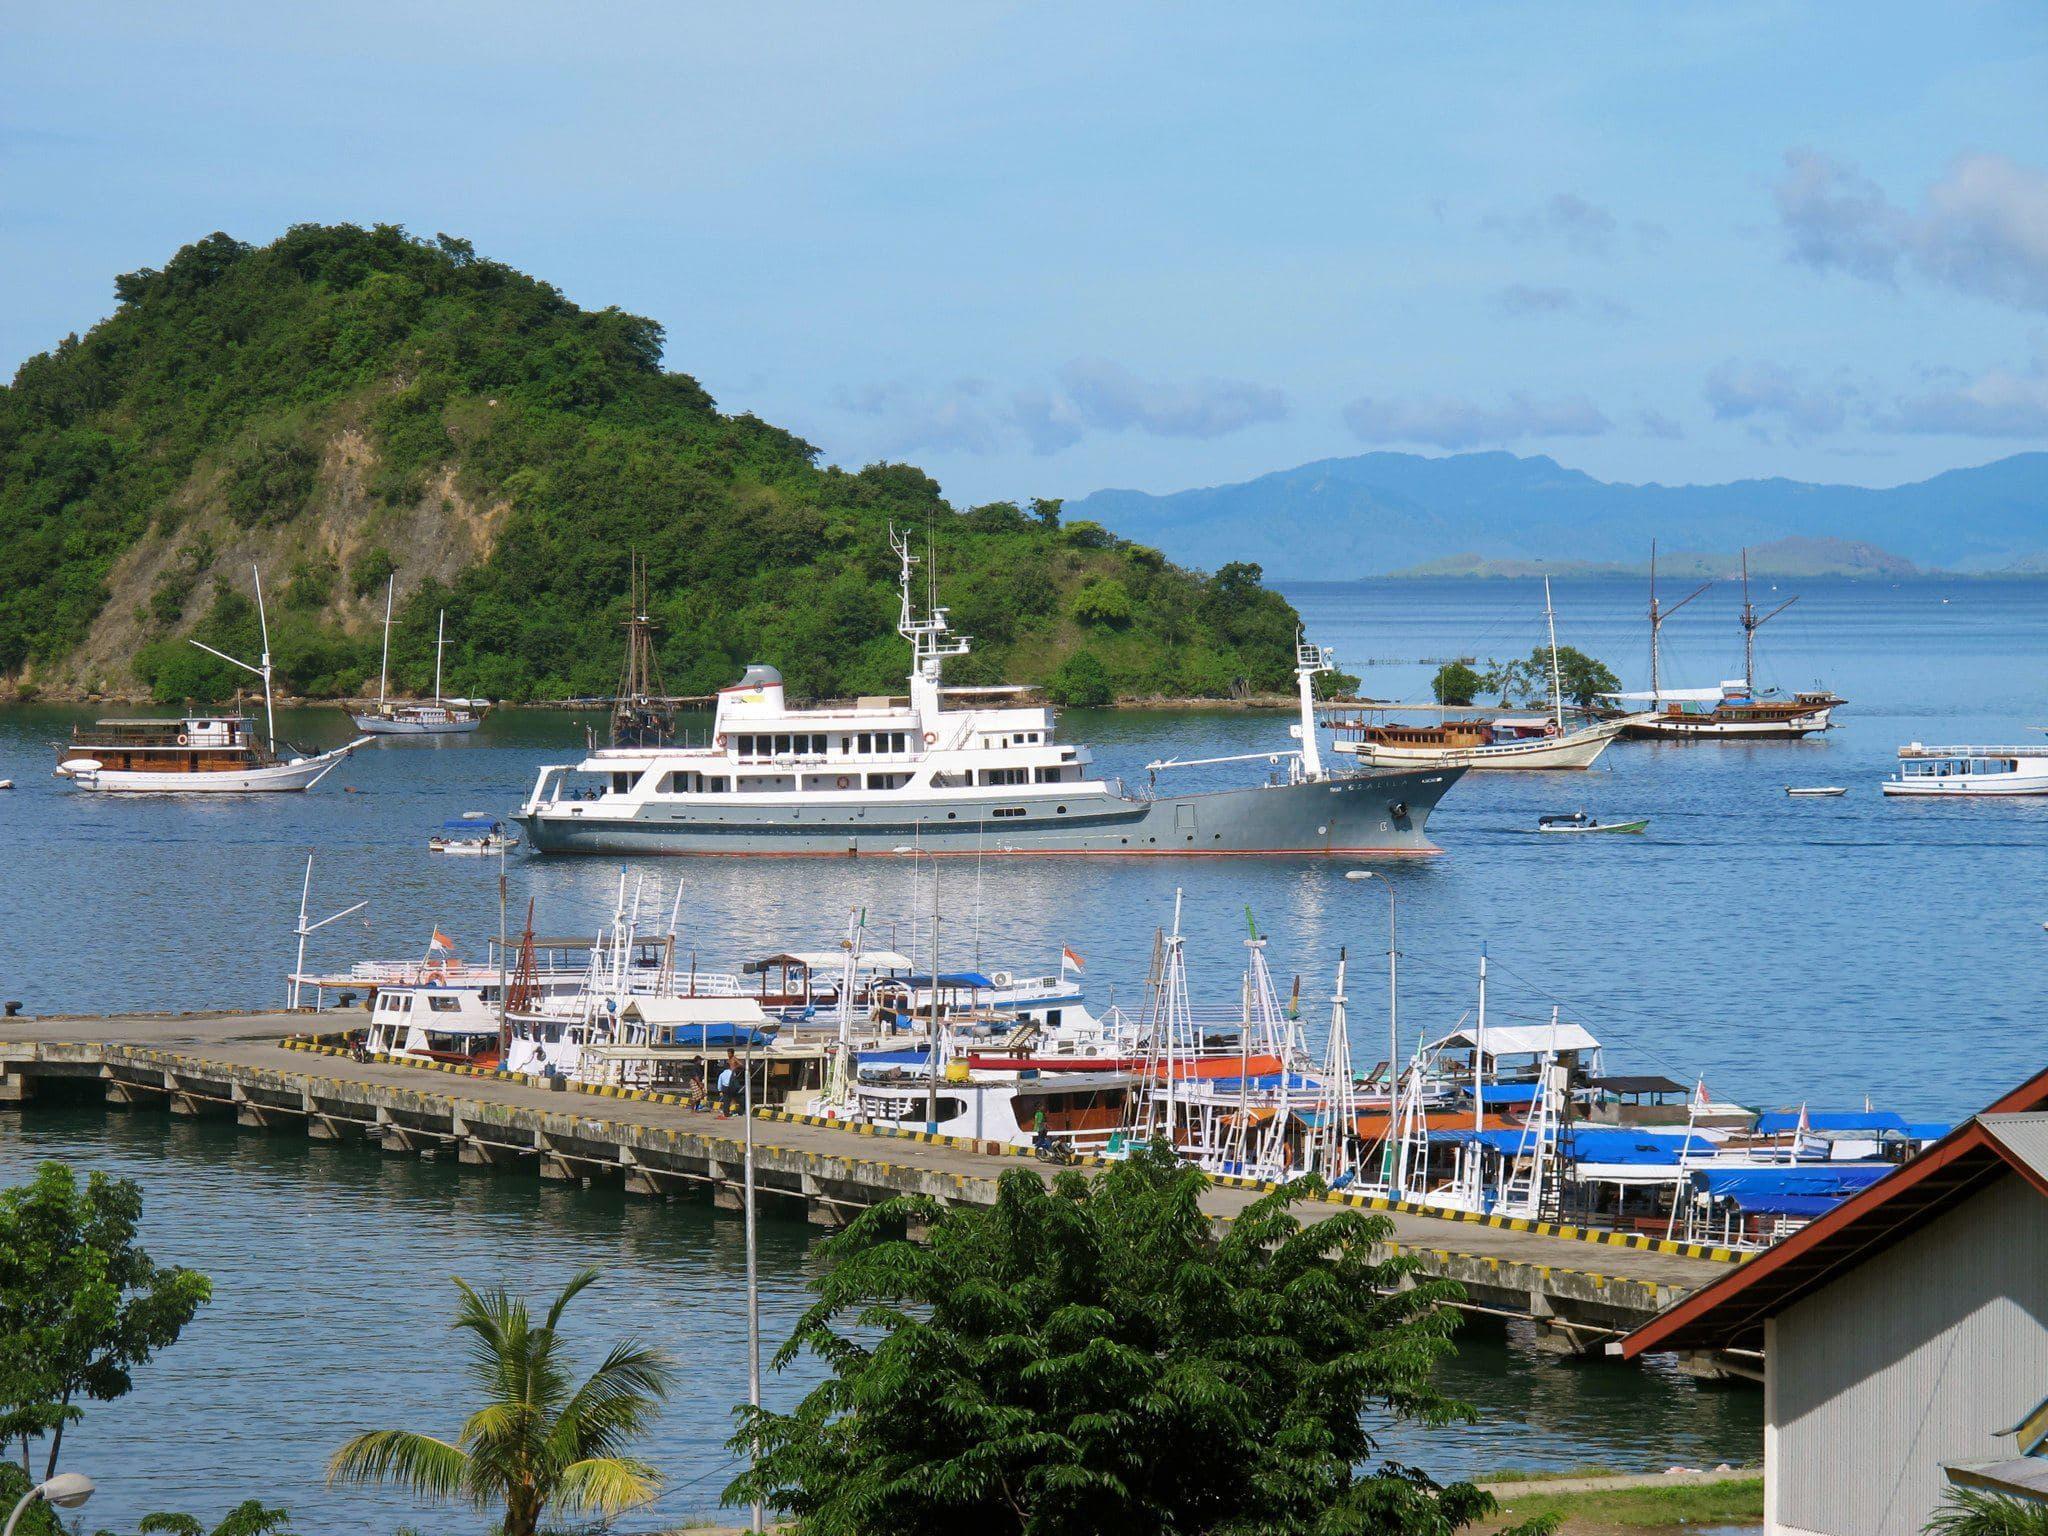 tiket mobil kapal laut surabaya - labuan bajo. sumber foto Google